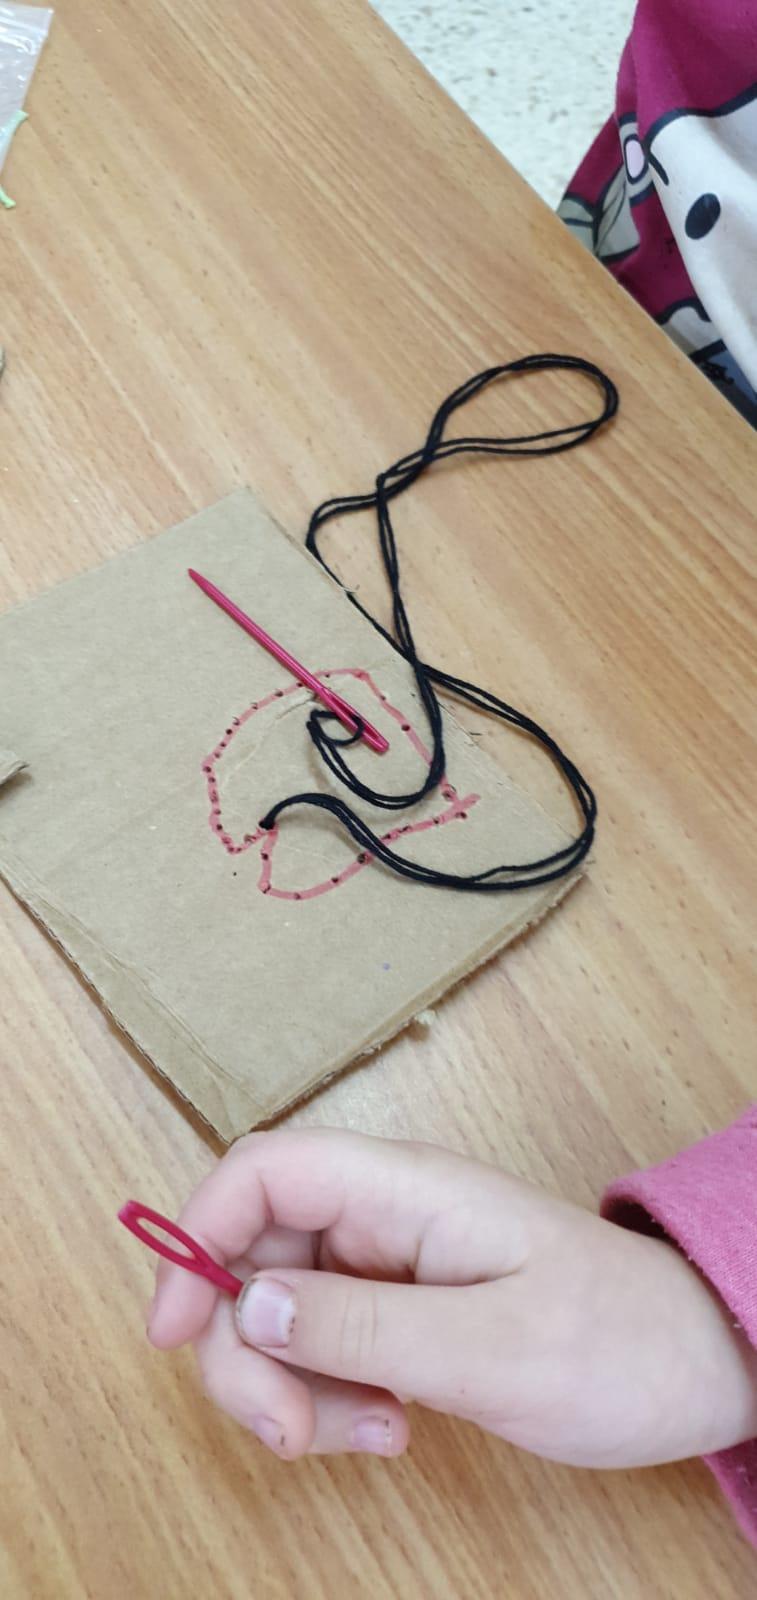 ללמוד לתפור עם מחט פלסטיק